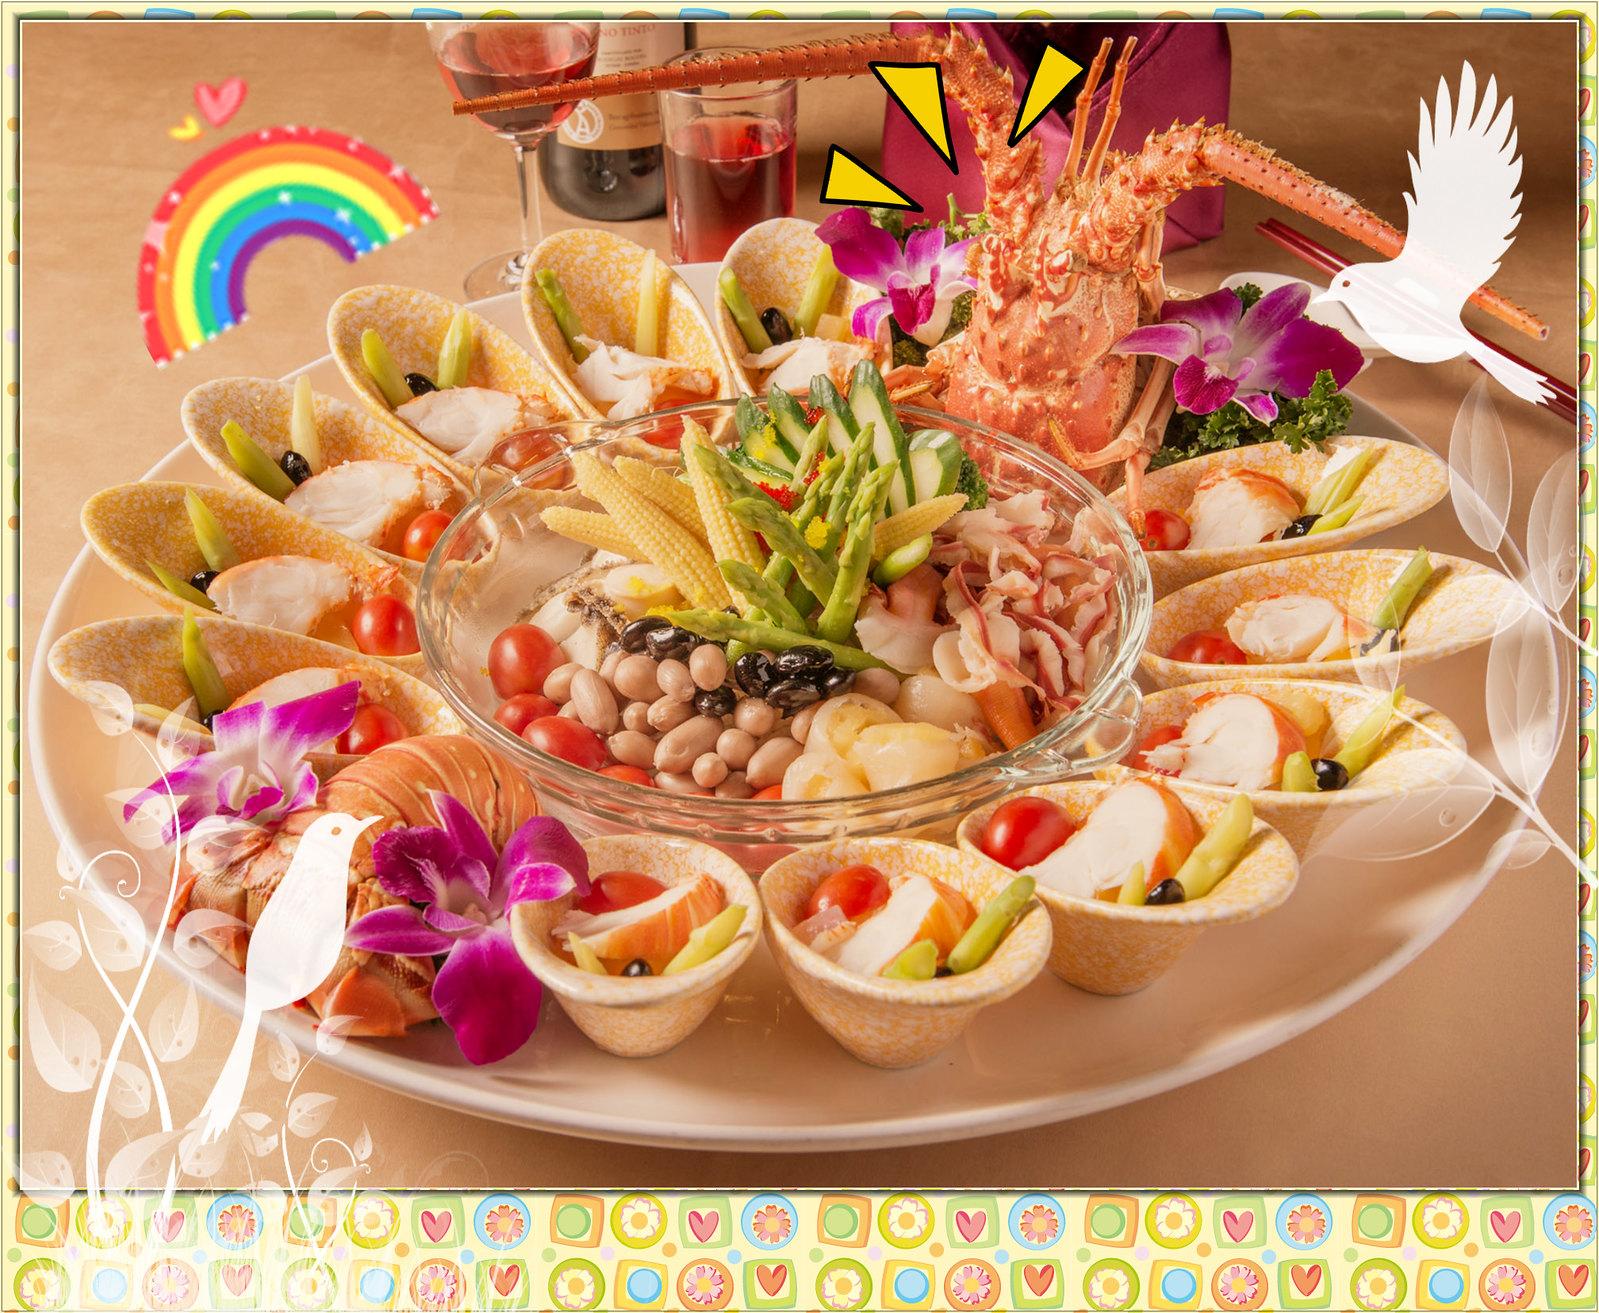 高雄尊龍大飯店-老師傅上菜,豐富你的味蕾 (4)_1